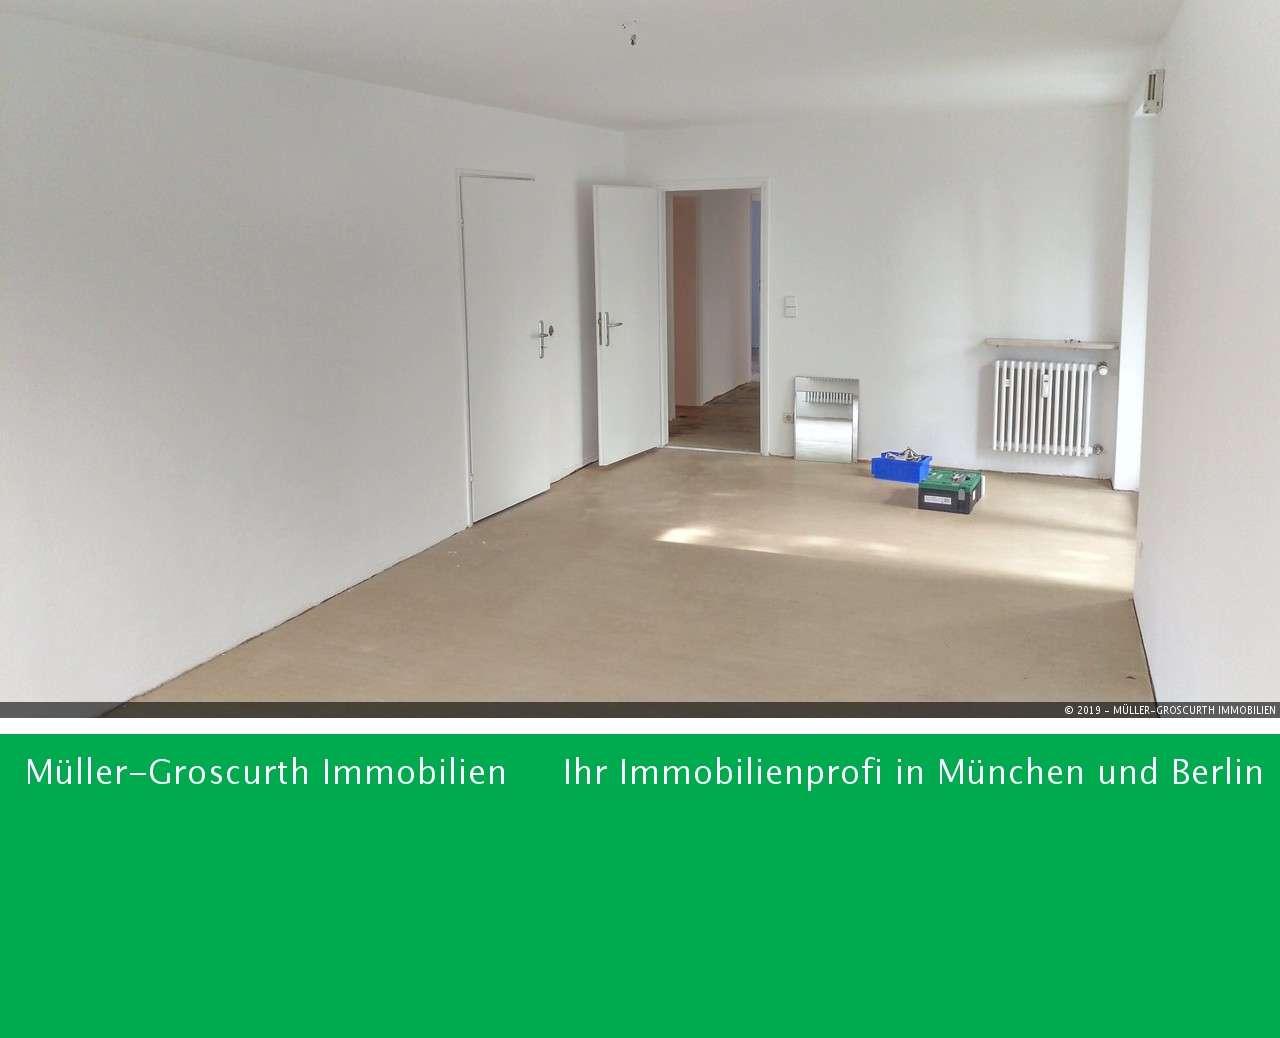 Ausergewöhnliche 4-Zimmer Wohnung sucht neuen Mieter  in Taufkirchen (München)